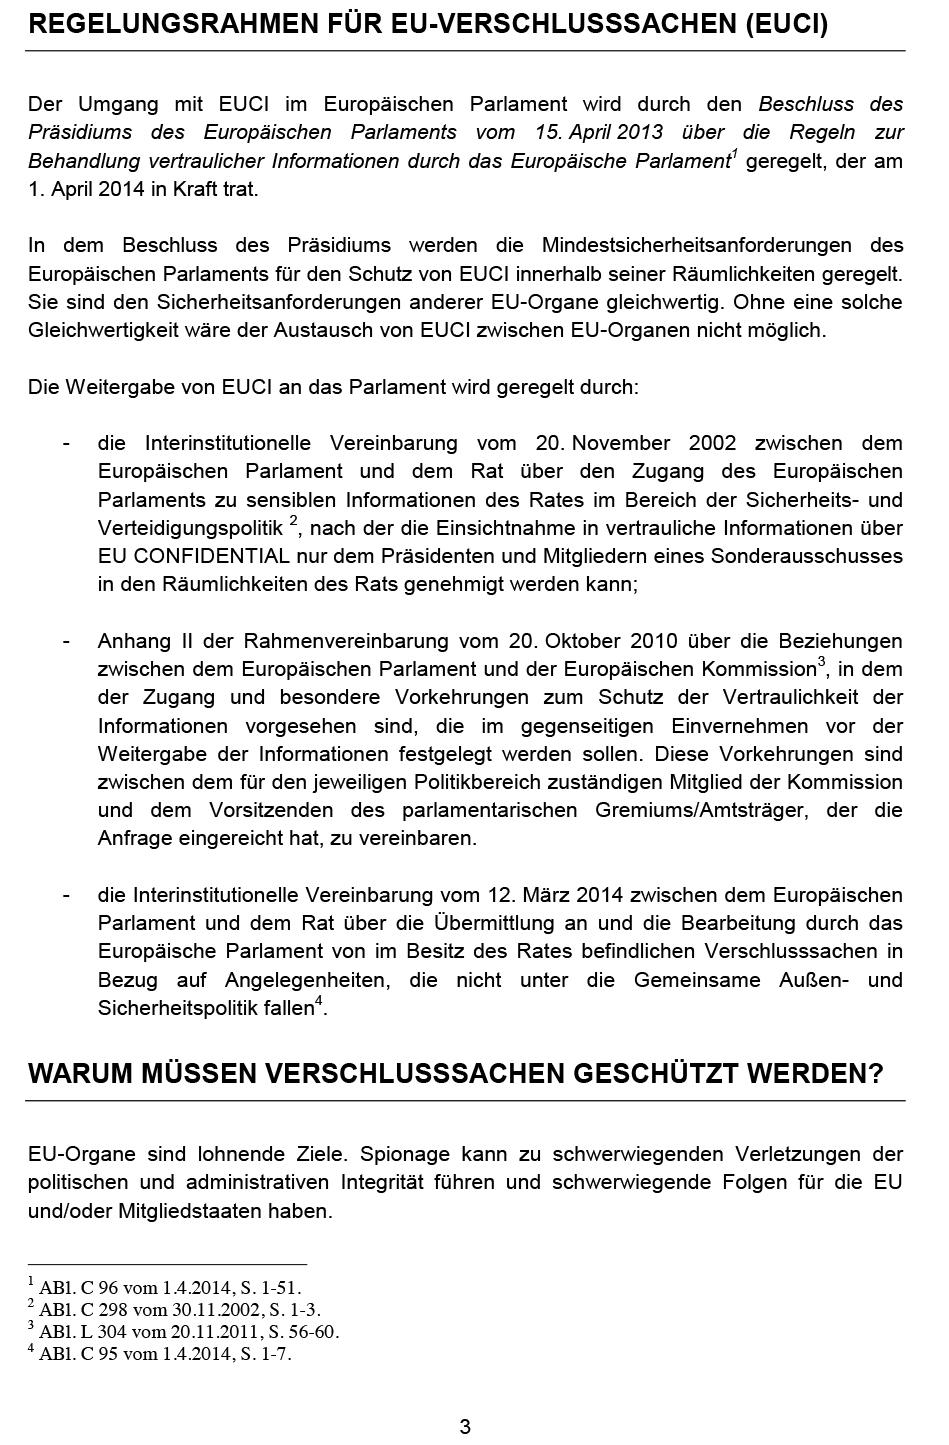 SECURITY-BRIEFING_EU-R--1045423-1_DE-3